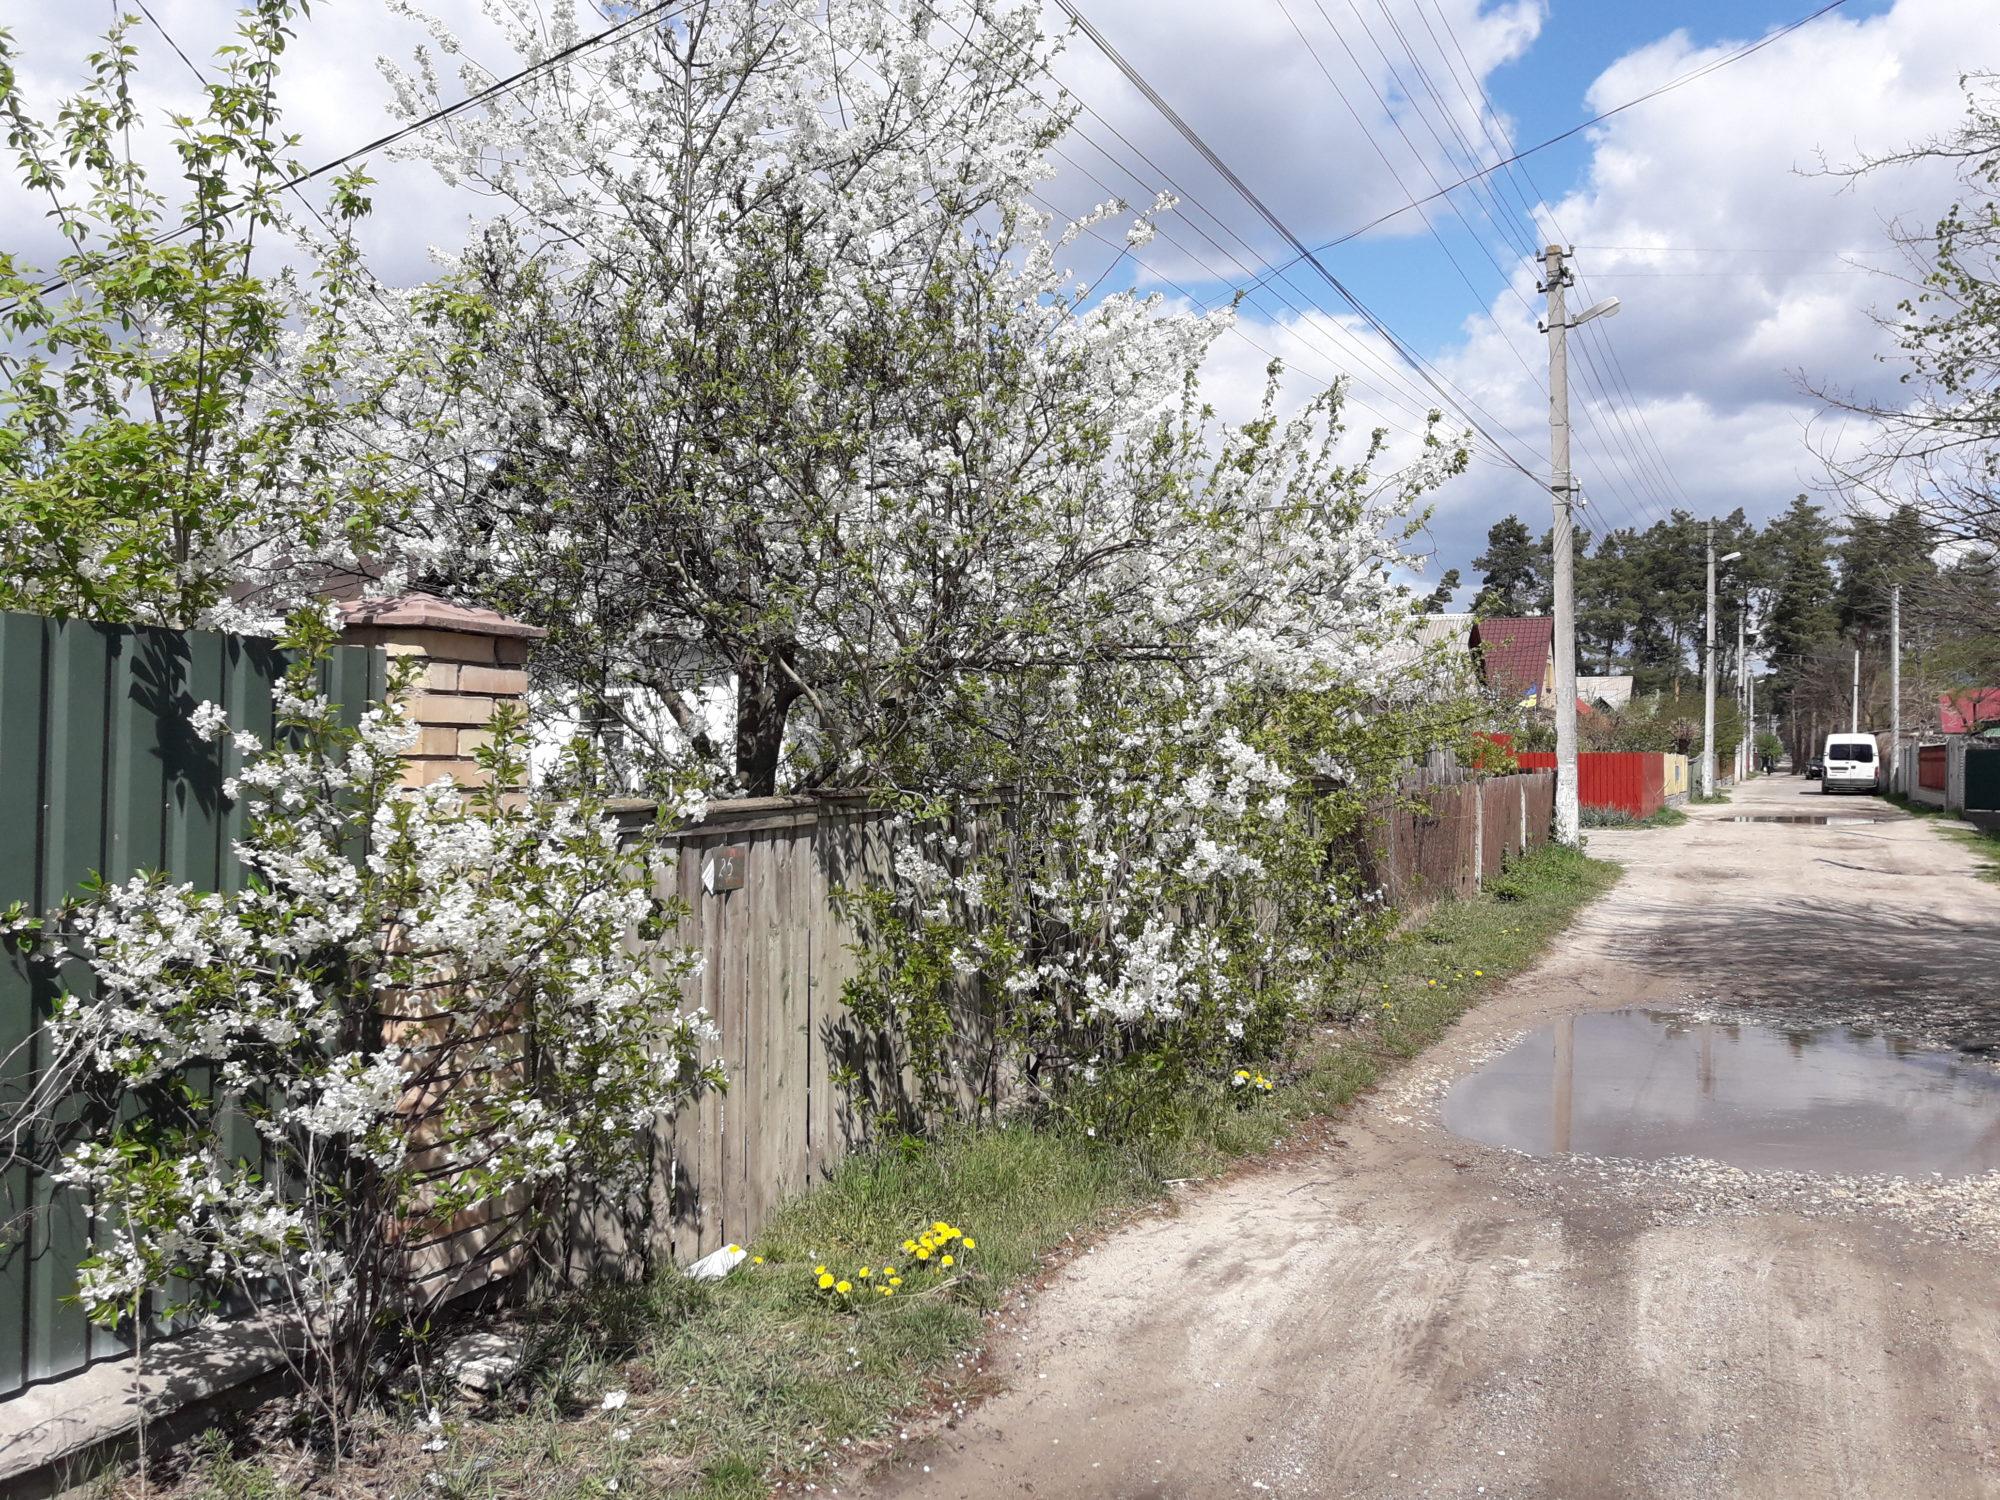 Ірпінь квітне: у місті настає пік цвітіння дерев та кущів (ФОТО) -  - 20200427 122543 2000x1500